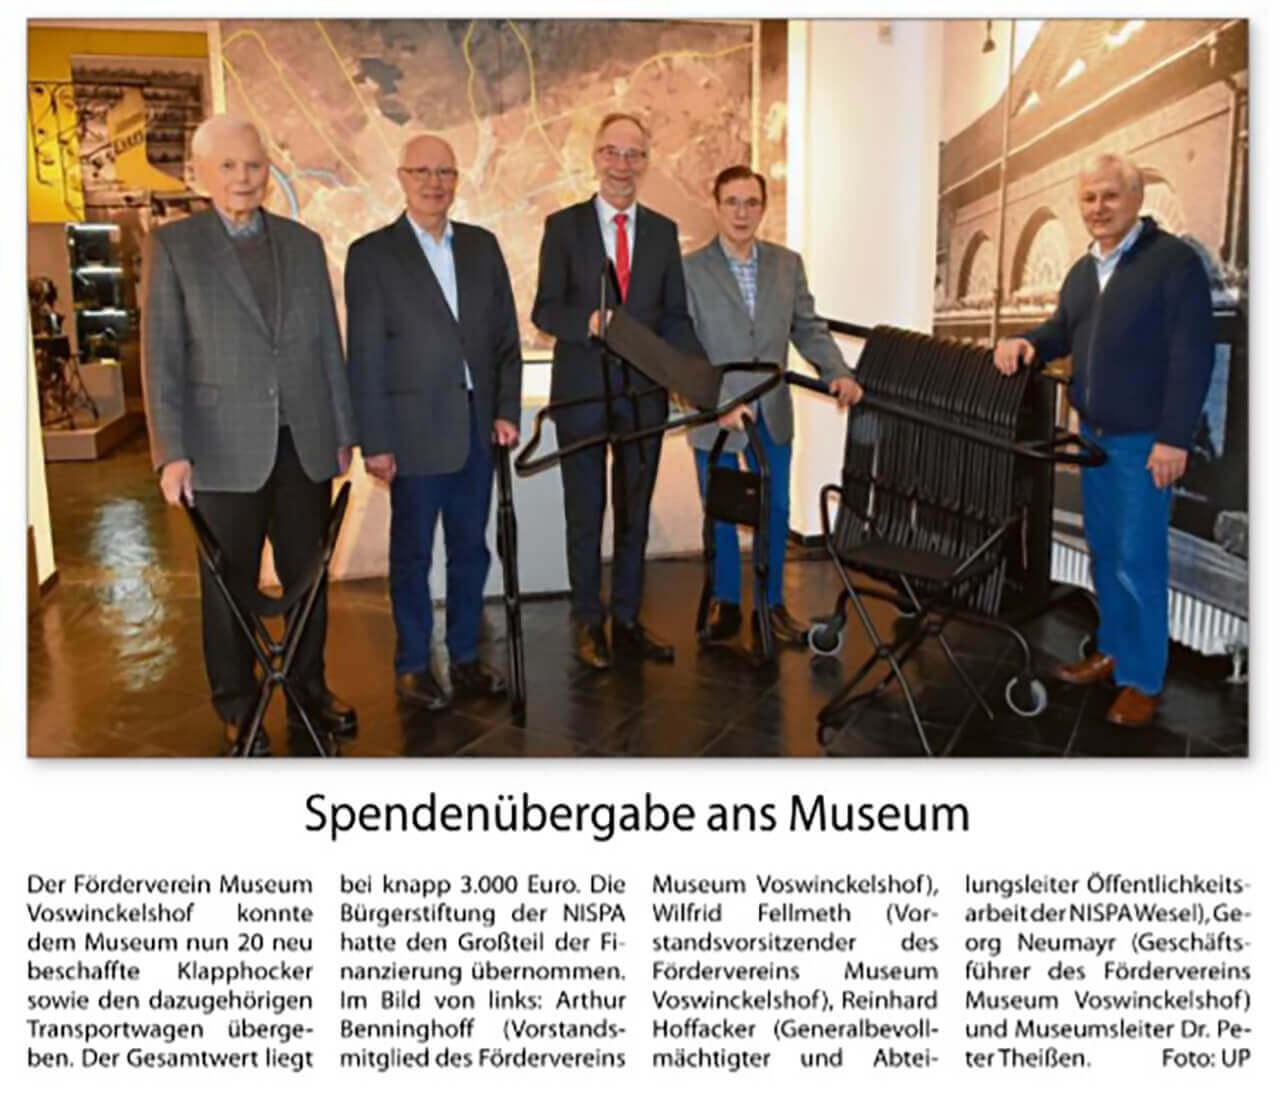 18 Dezember 2019 - Niederrhein Anzeiger - Spendenübergabe der Klapphocker an das Museum Voswinckelshof